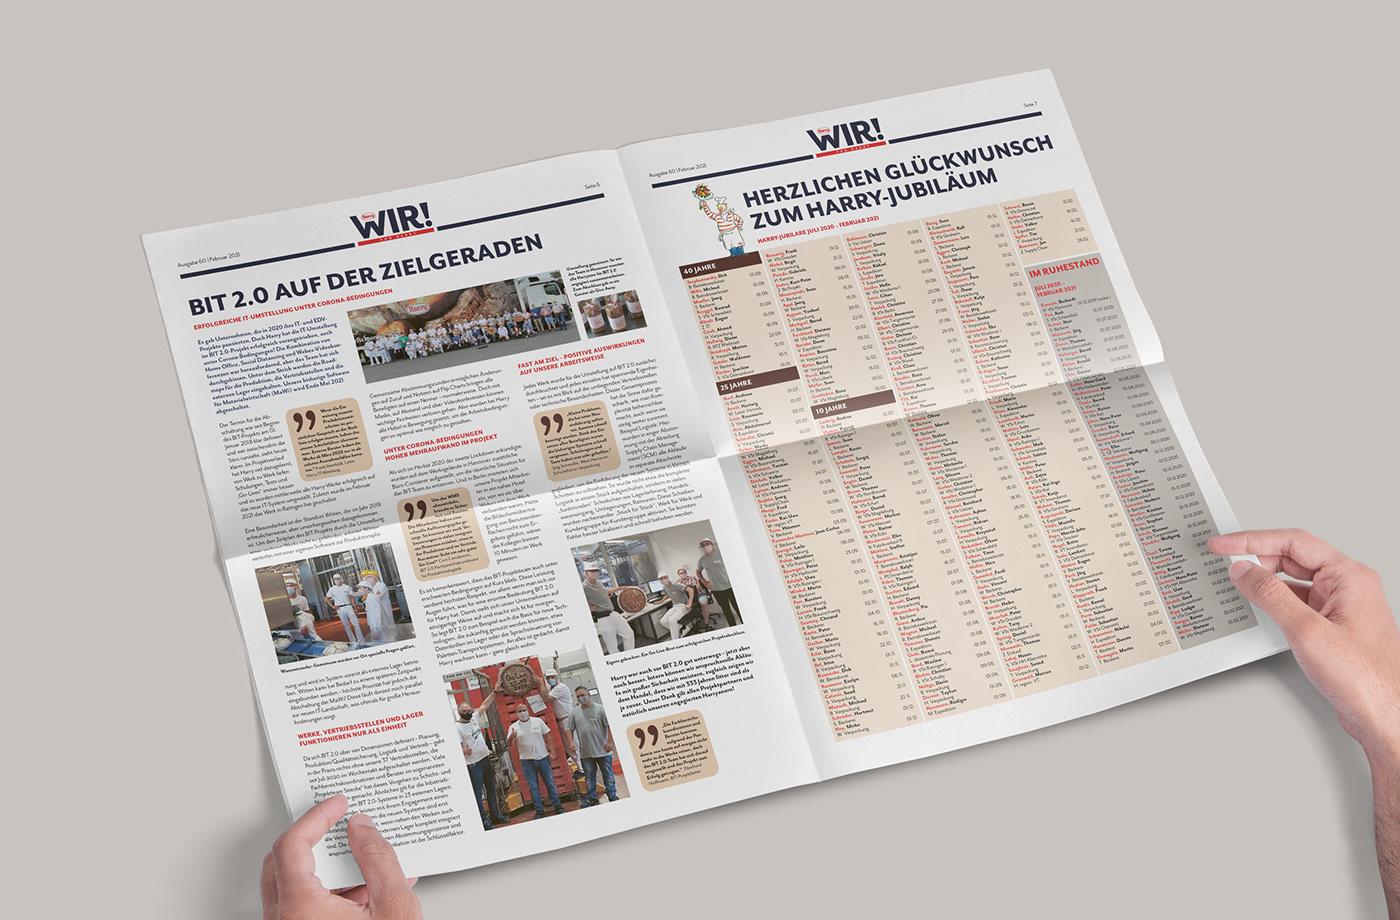 Branding design Corporate Design Drucksachen editorial design  Employee newspaper graphic design  Identity Design Mitarbeiterzeitung rotherdesign typograie